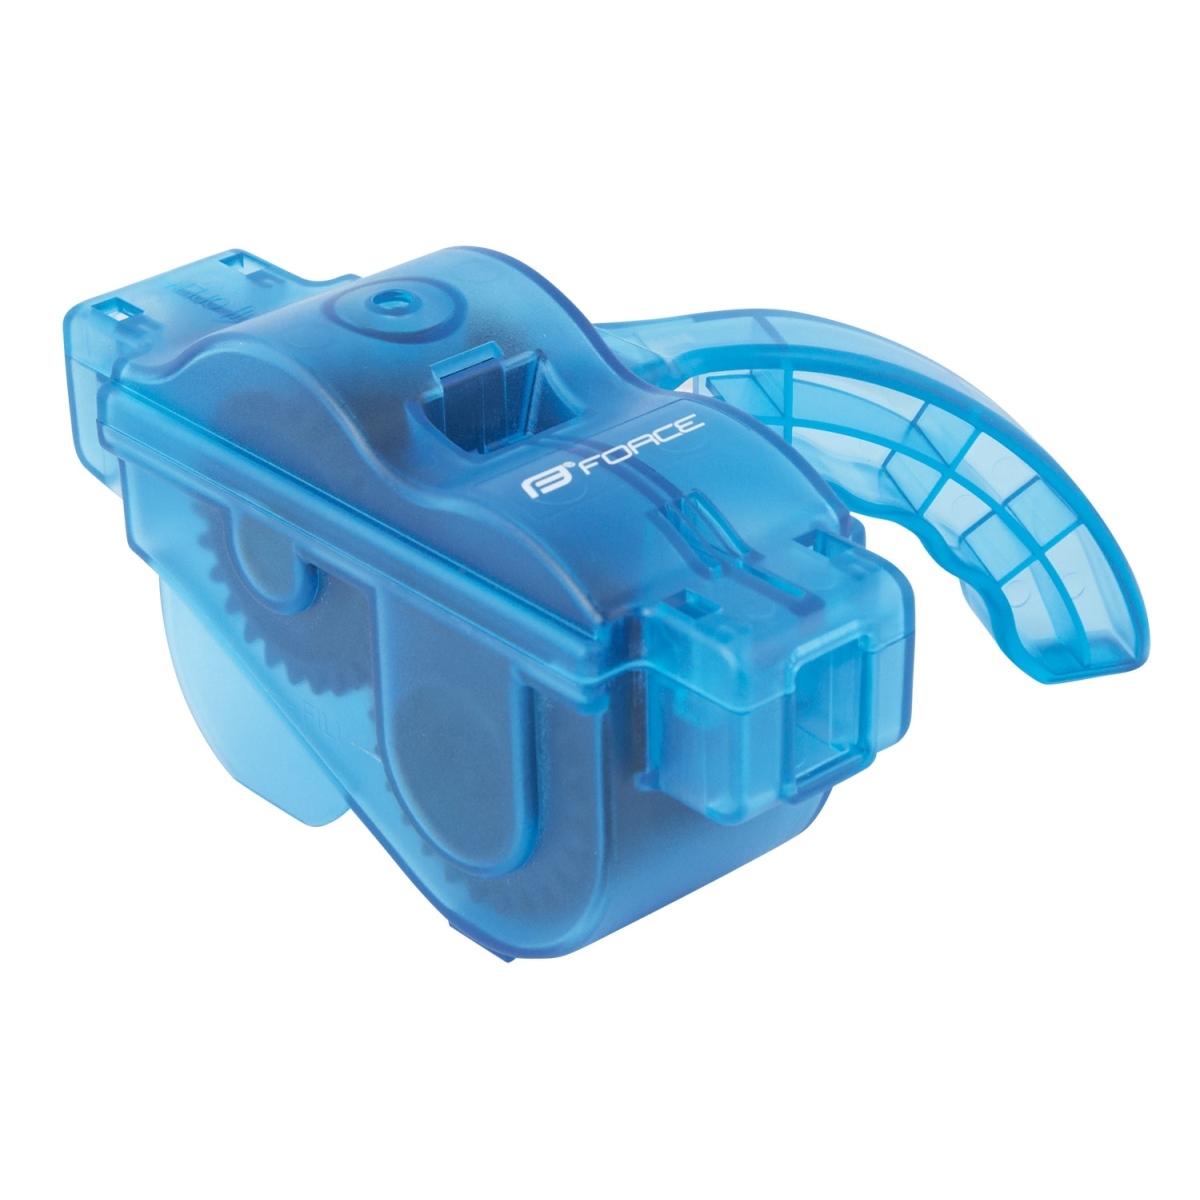 Force čistička řetězů plastová s rukojetí modrá